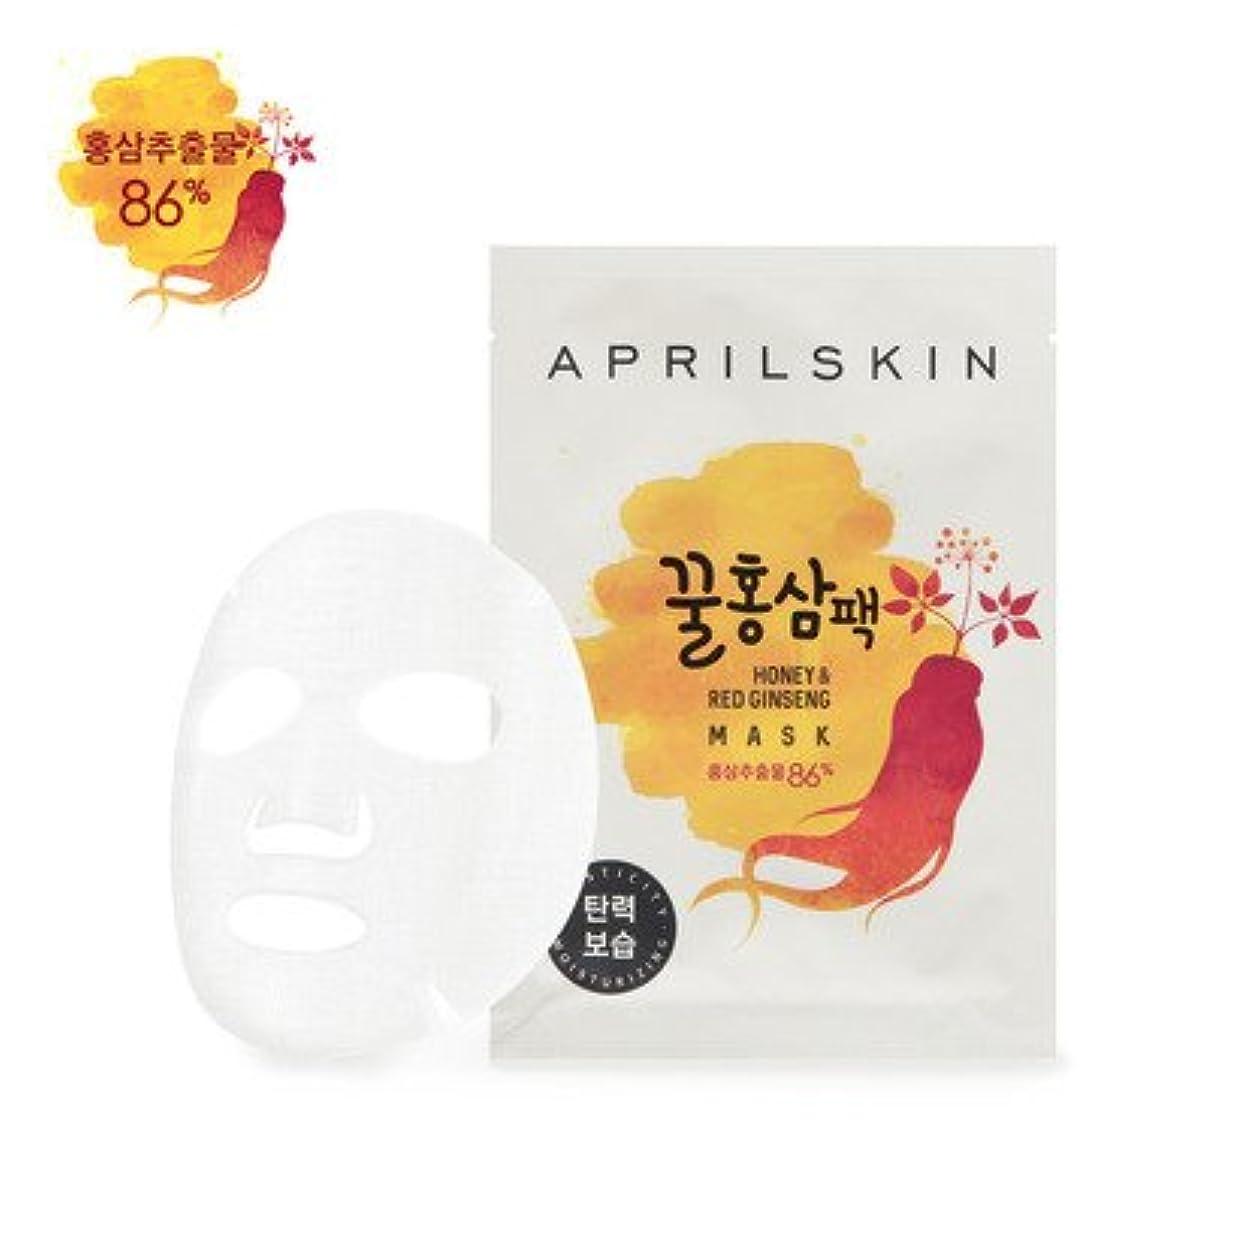 組み合わせるエアコンさわやかAPRILSKIN Honey & Red Ginseng Mask 25g × 10EA/エイプリルスキン ハニー&紅参 マスク 25g × 10枚 [並行輸入品]